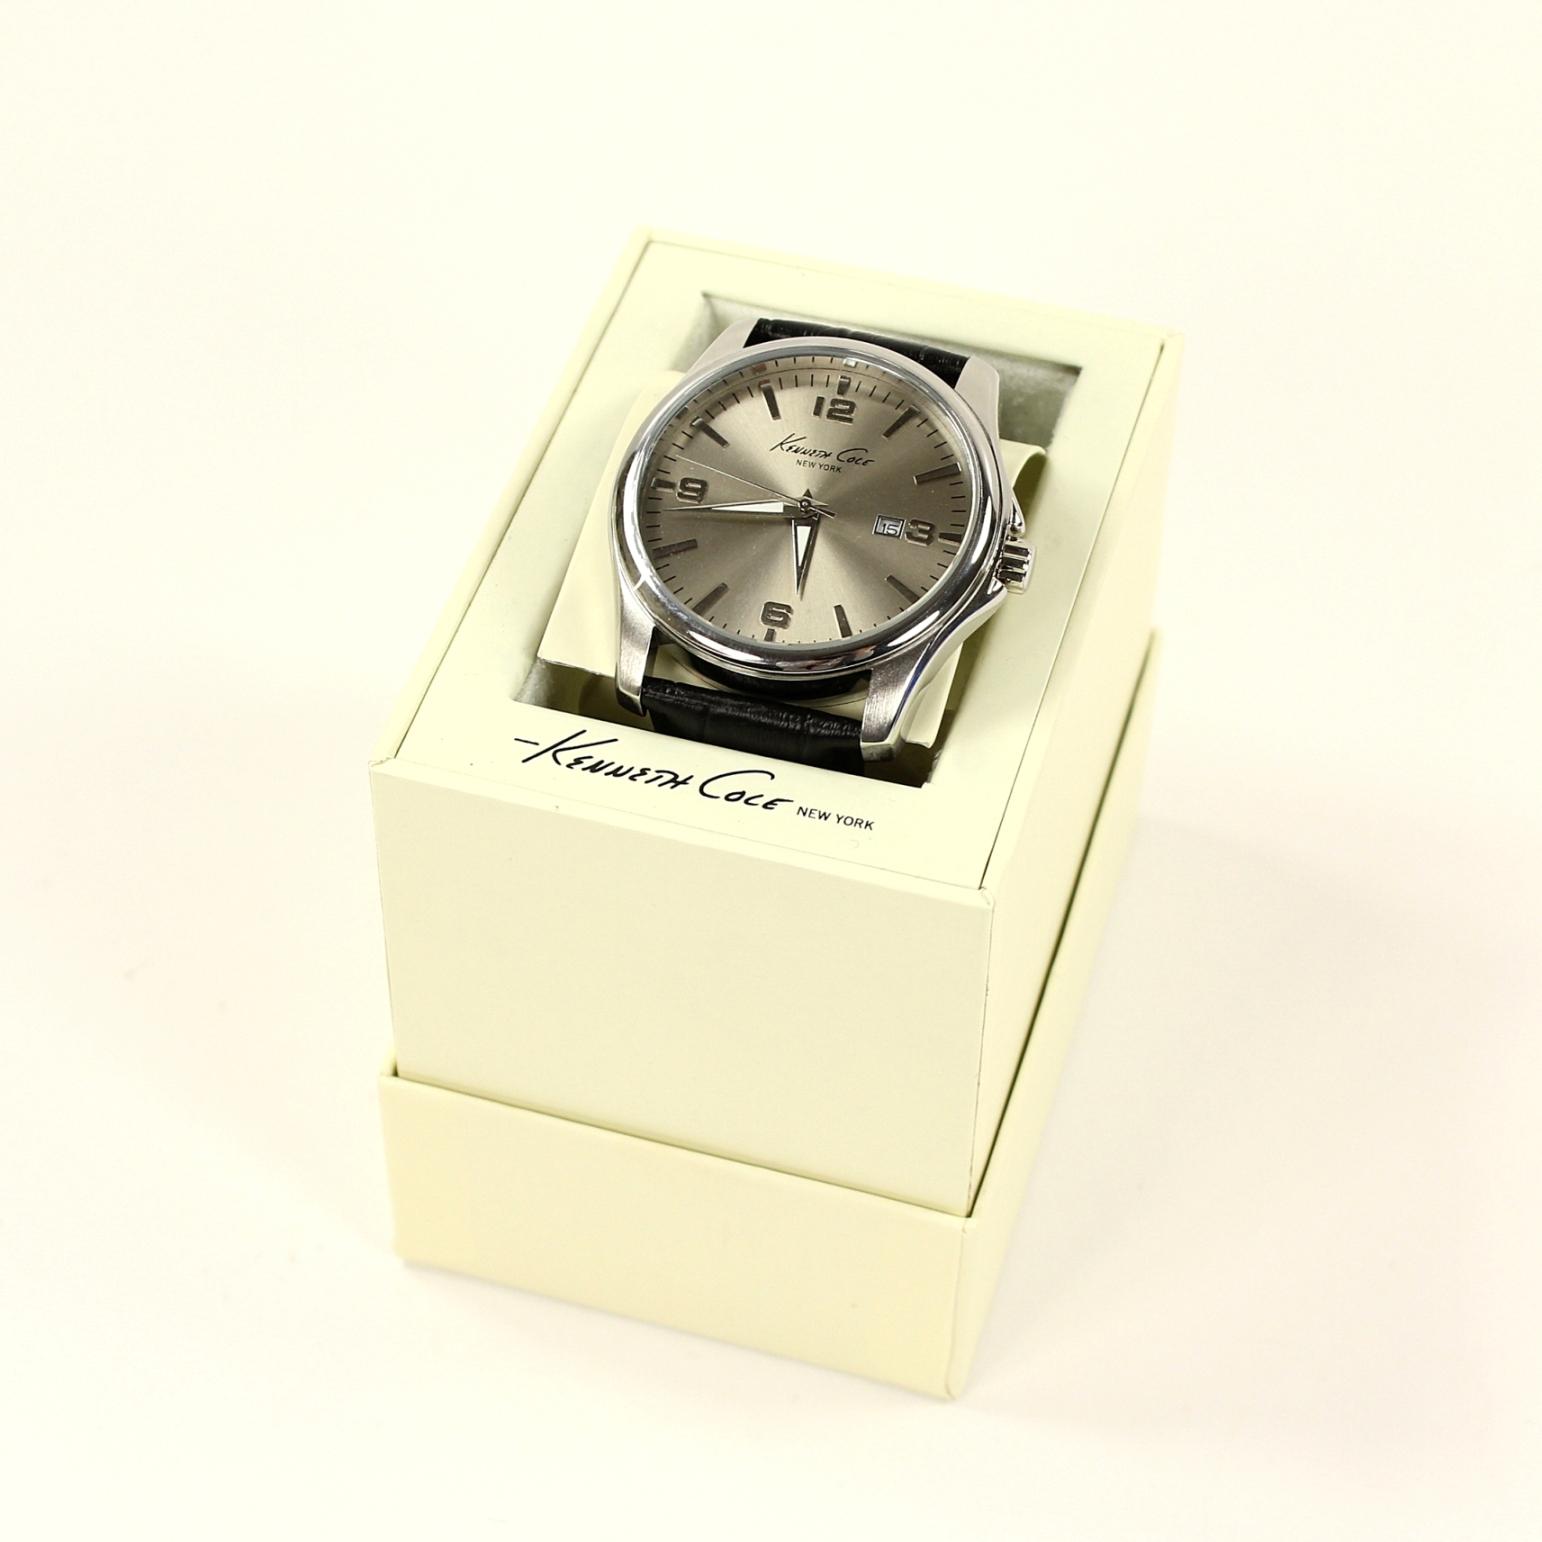 美國百分百【全新真品】Kenneth Cole 手錶 KC 配件 石英錶 真皮錶帶 銀 夜光 對錶 黑 男 女 1865